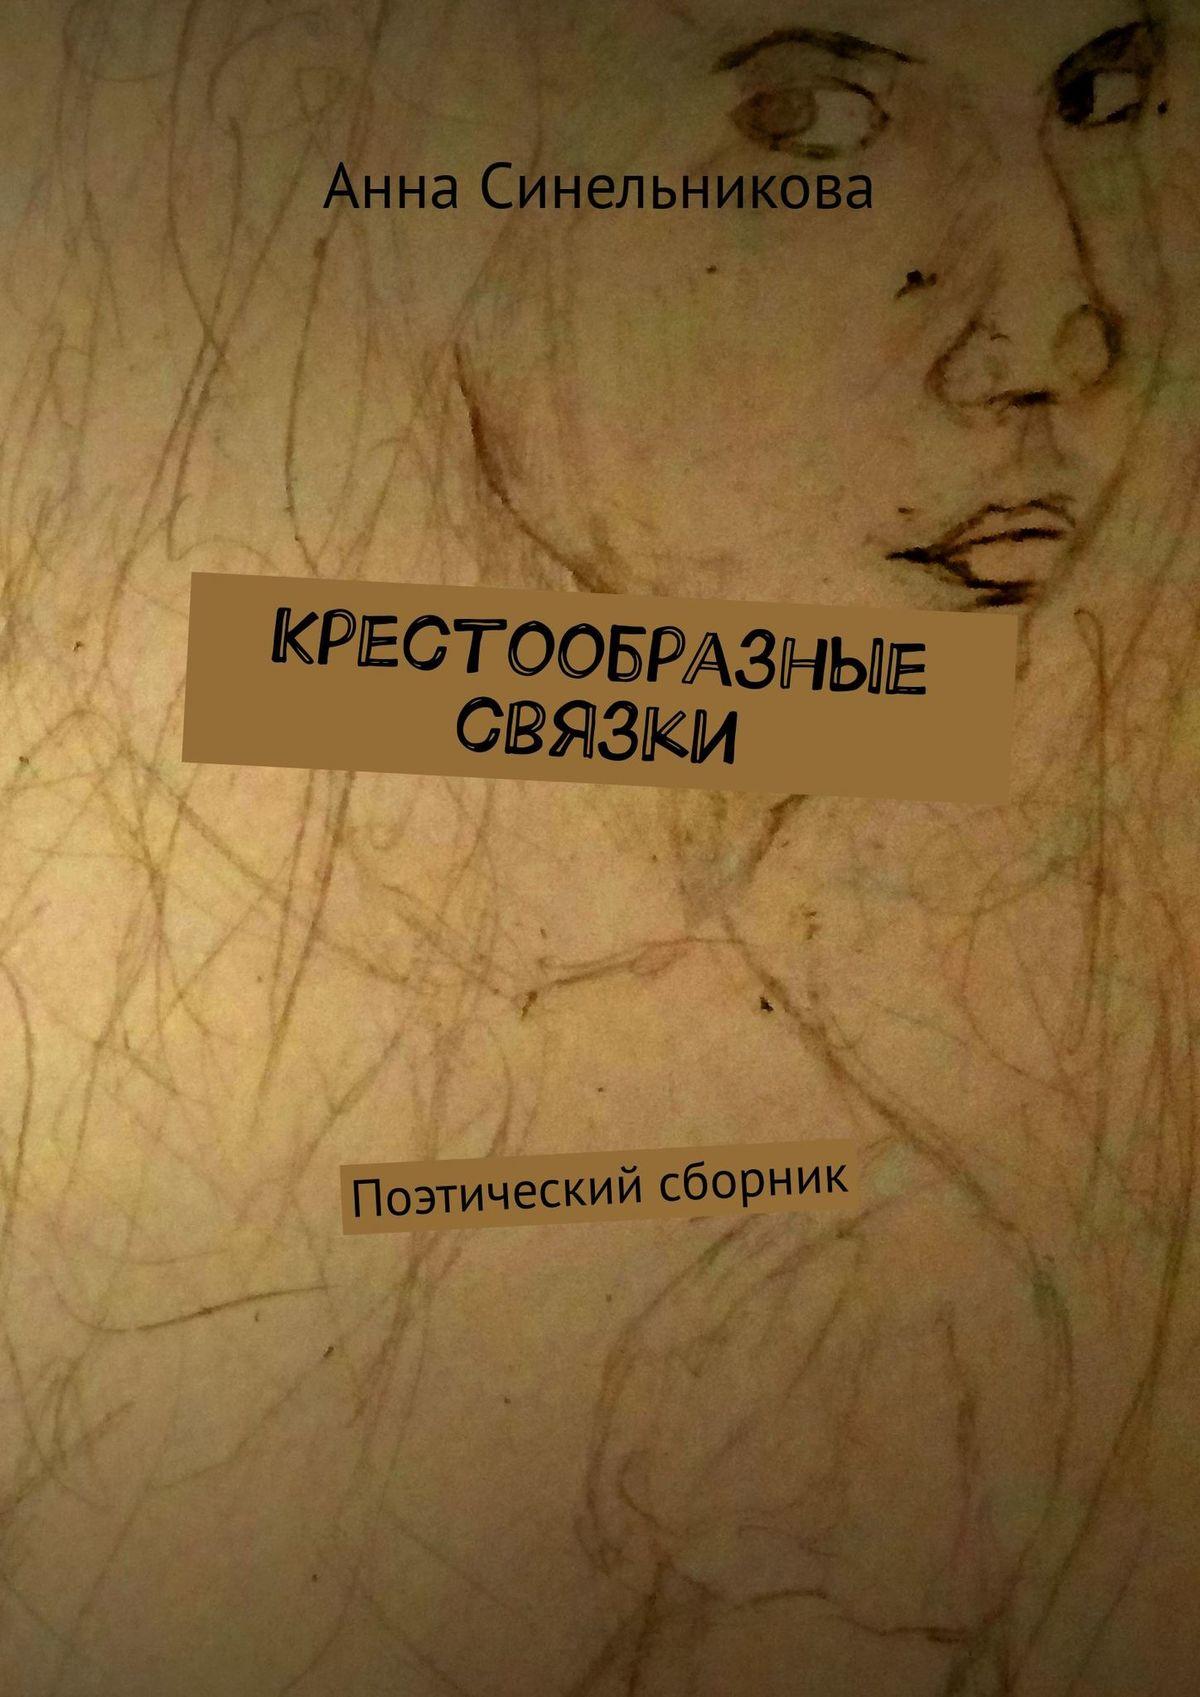 Анна Лосева Крестообразные связки. Поэтический сборник анна лосева крестообразные связки поэтический сборник